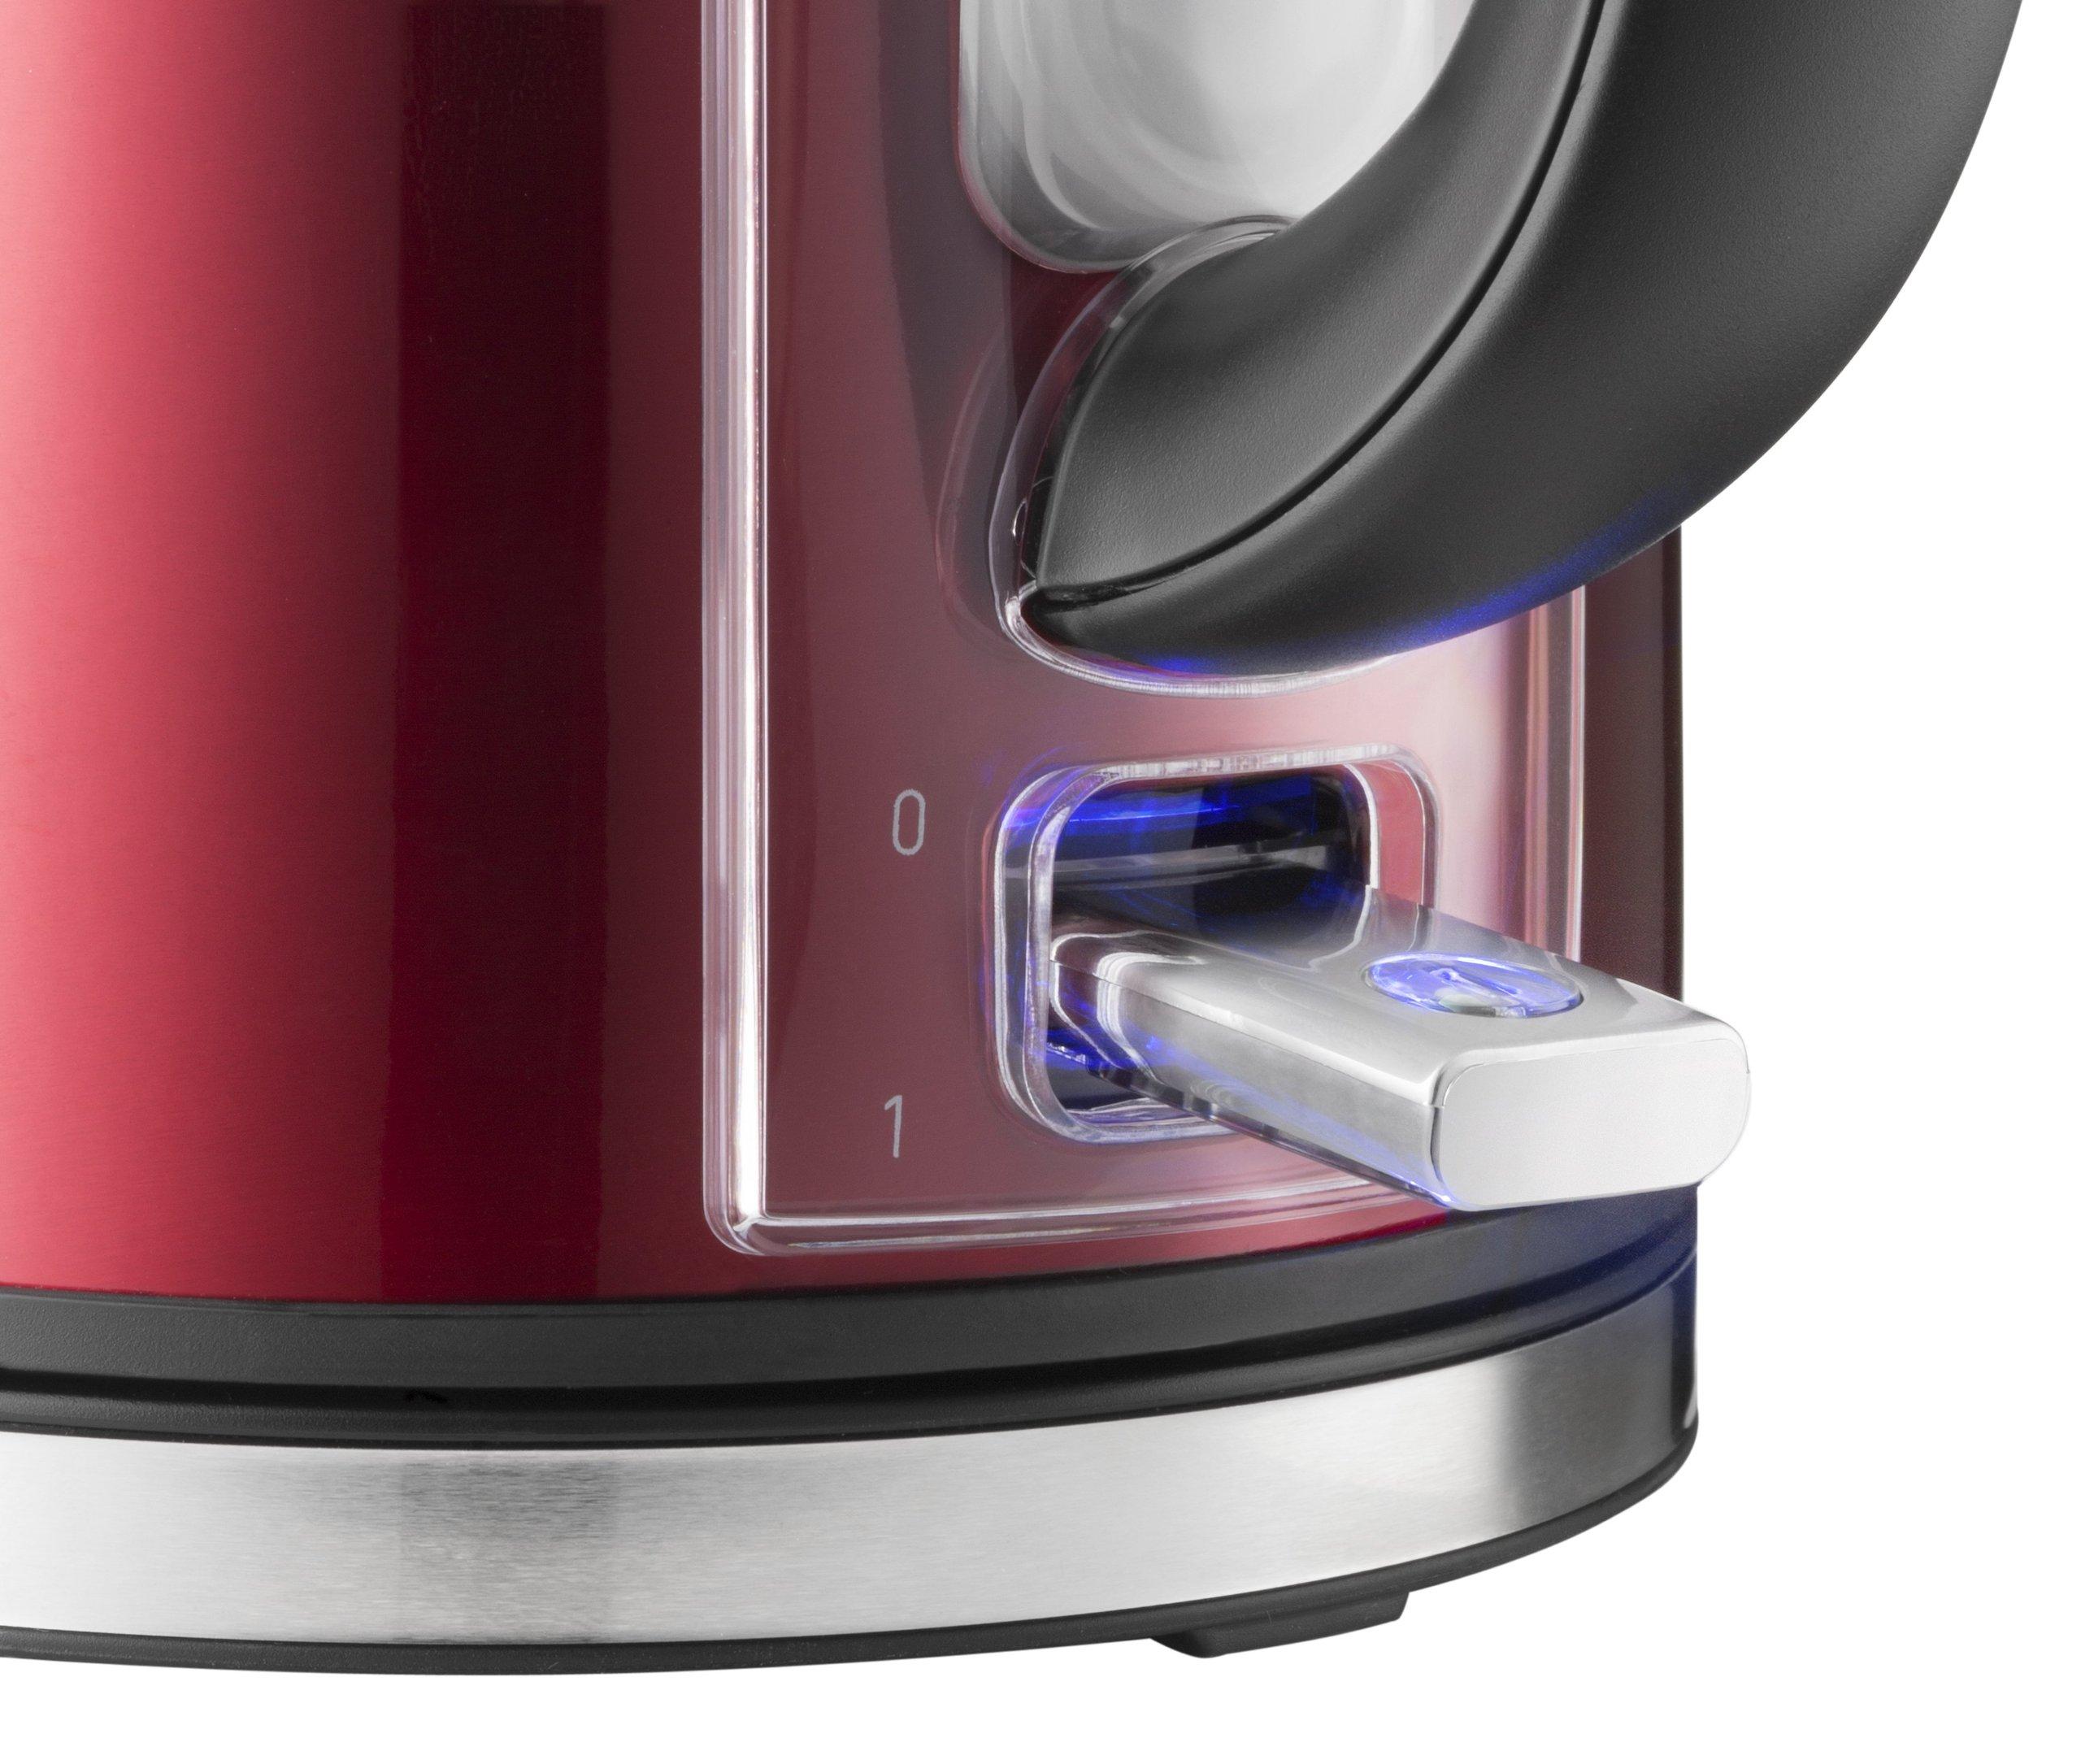 Grundig-WK-6330-Wasserkocher-red-Sense